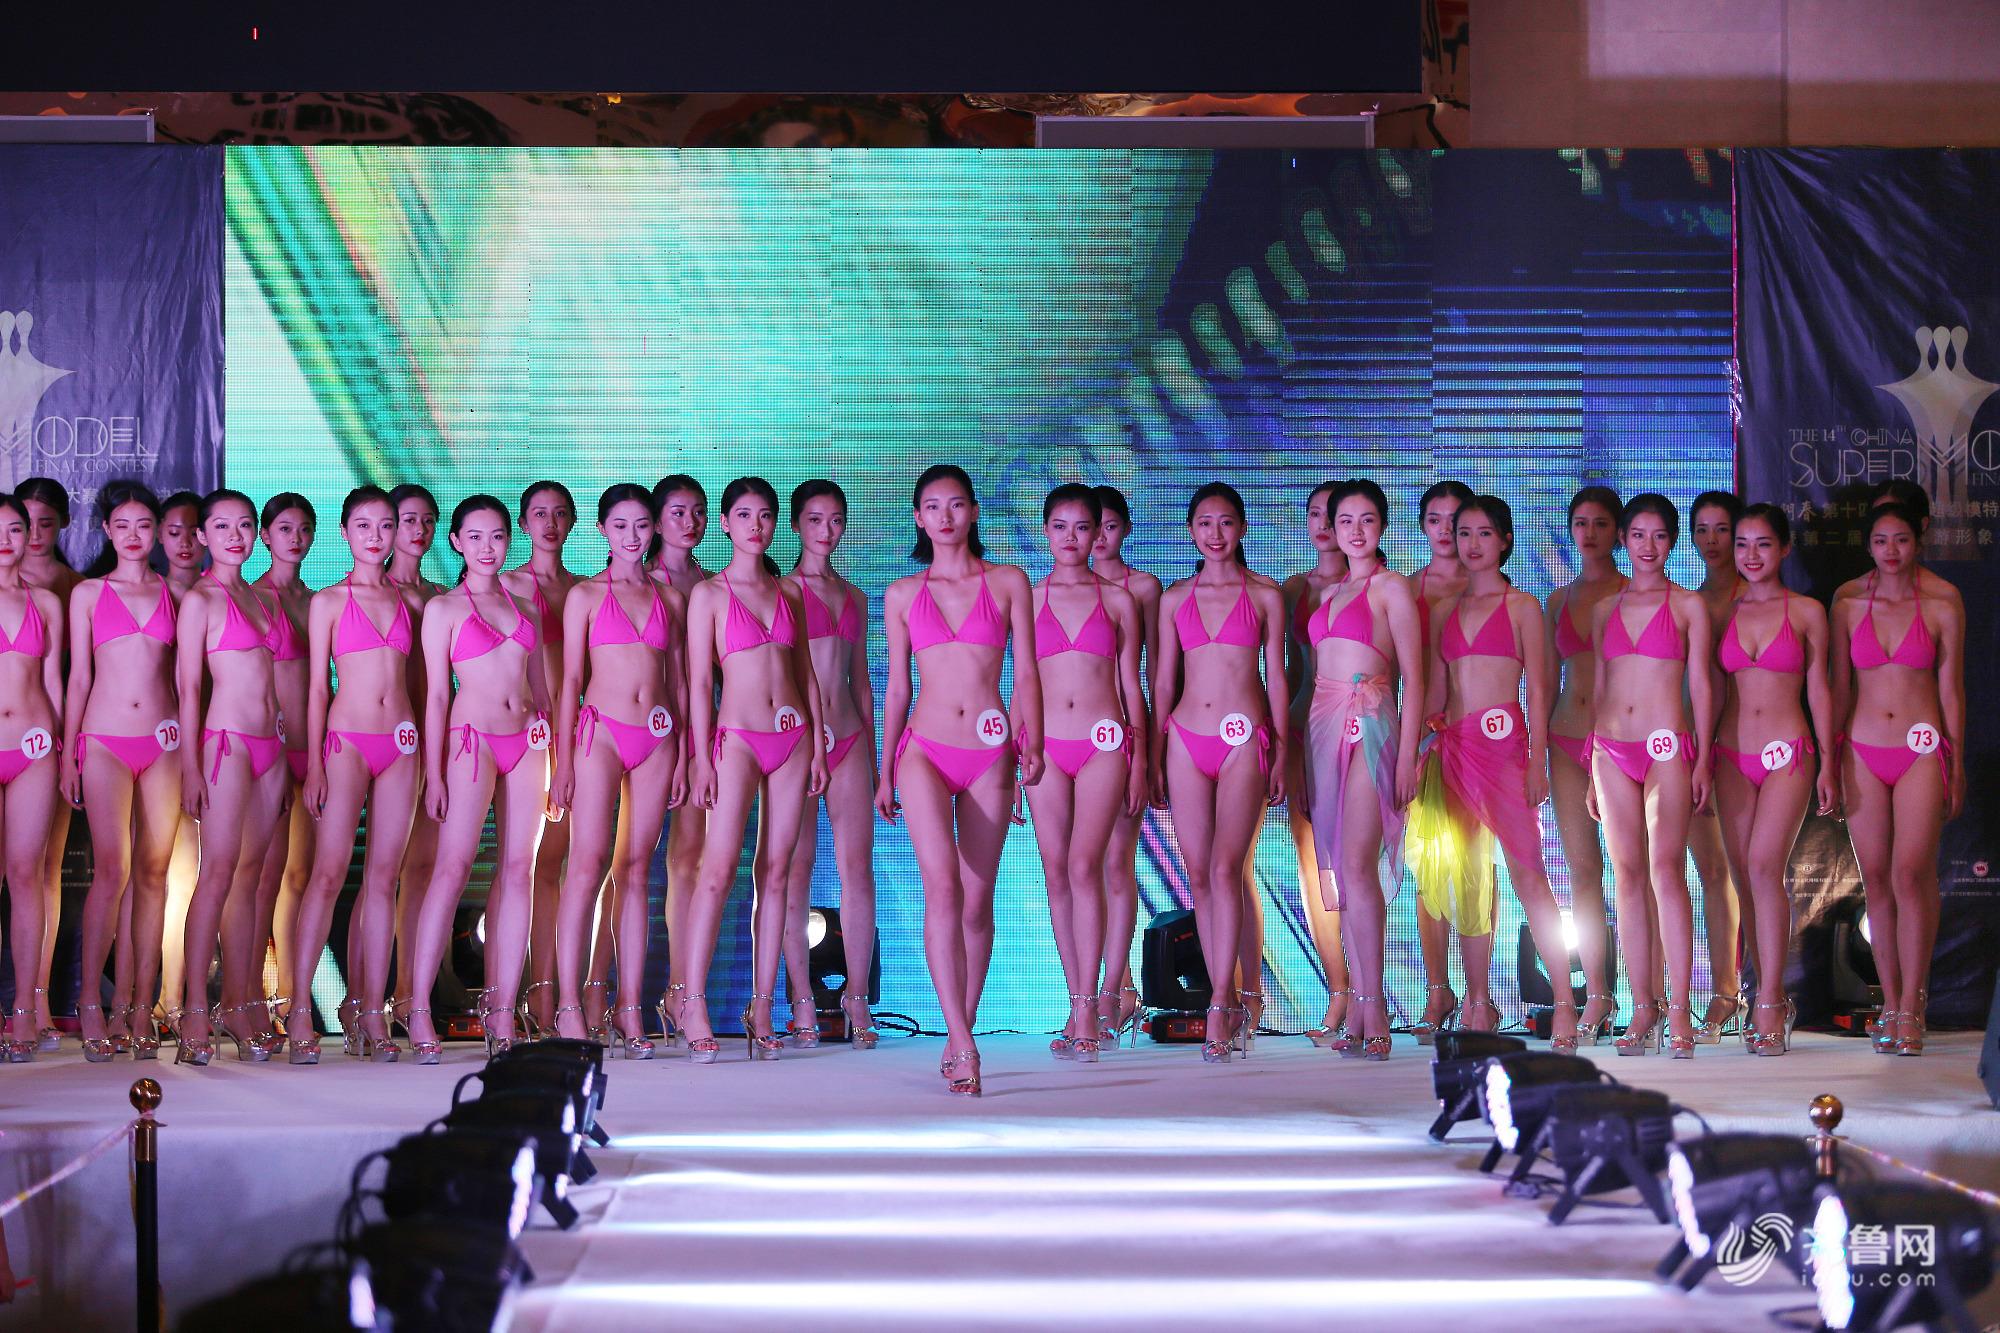 山东潍坊:艺考生以赛代练 自信秀泳装